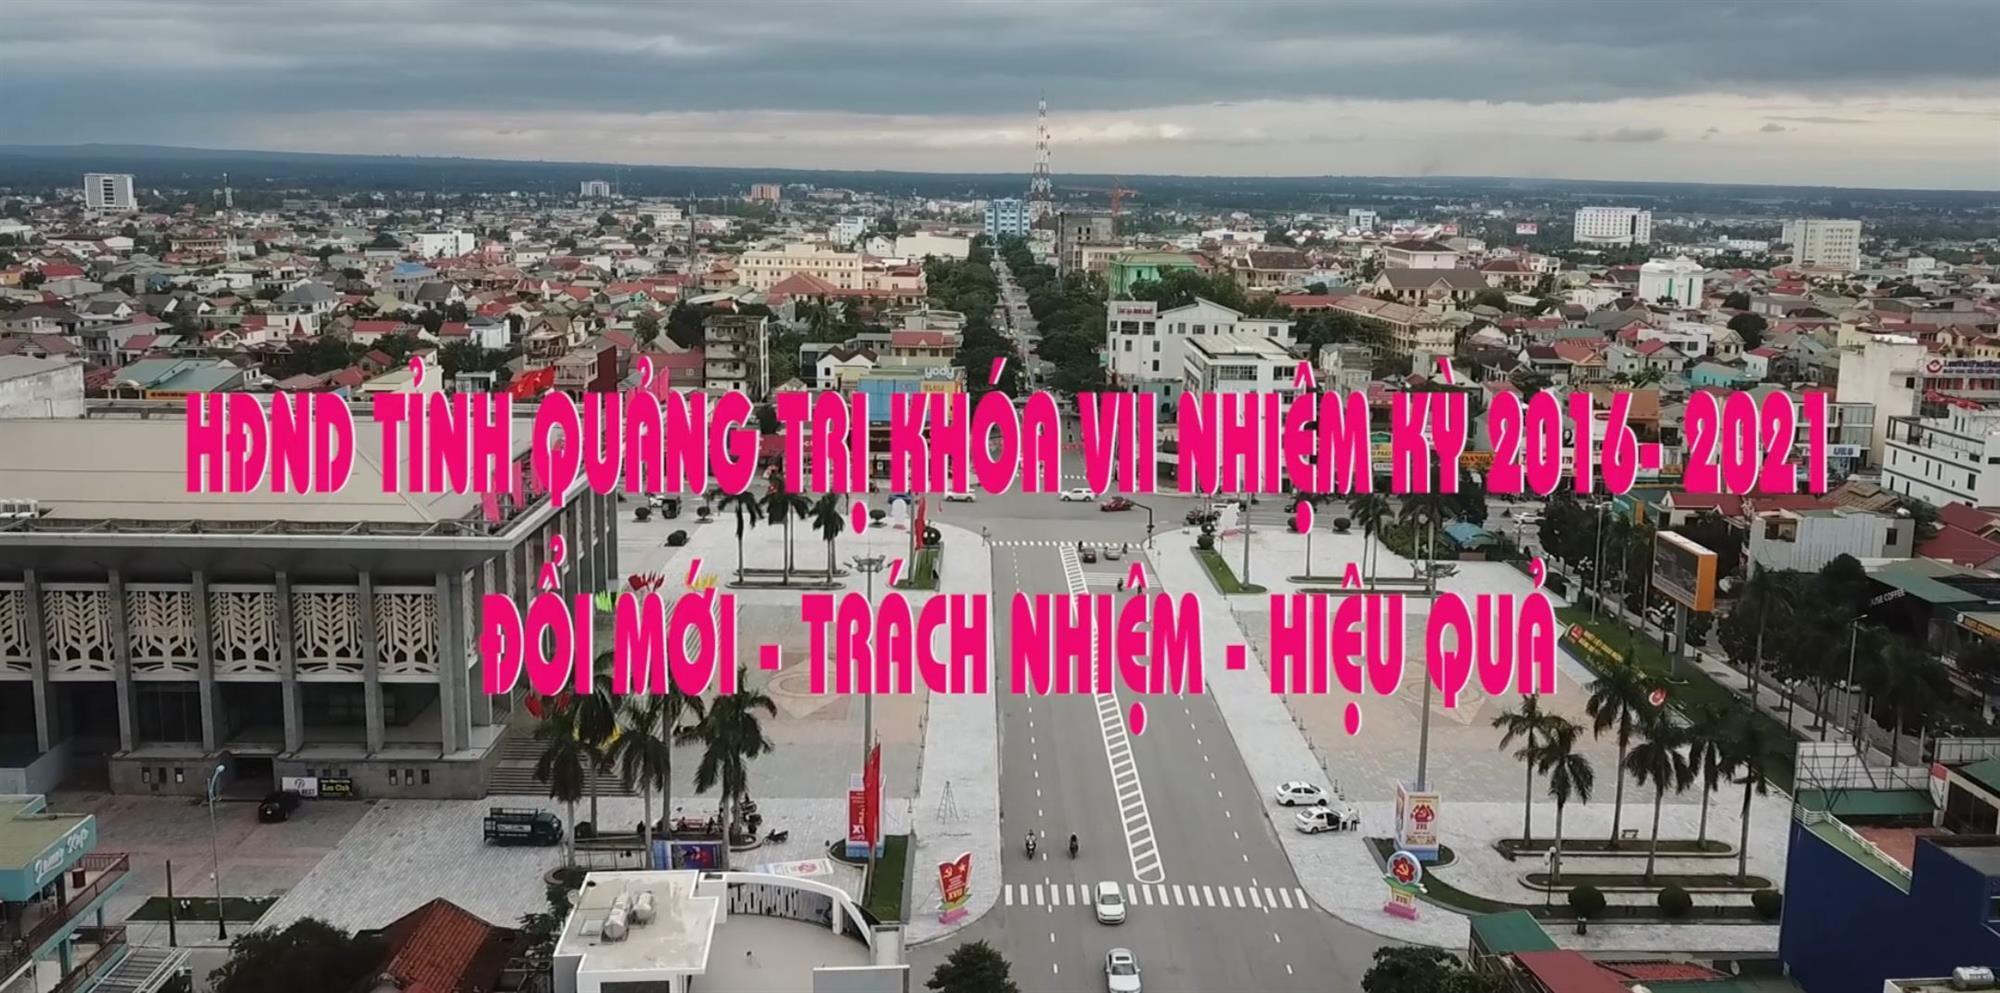 Phóng sự (14.04.2021) - HĐND tỉnh Quảng Trị khóa VII nhiệm kỳ 2016-2021 đổi mới - trách nhiệm - hiệu quả